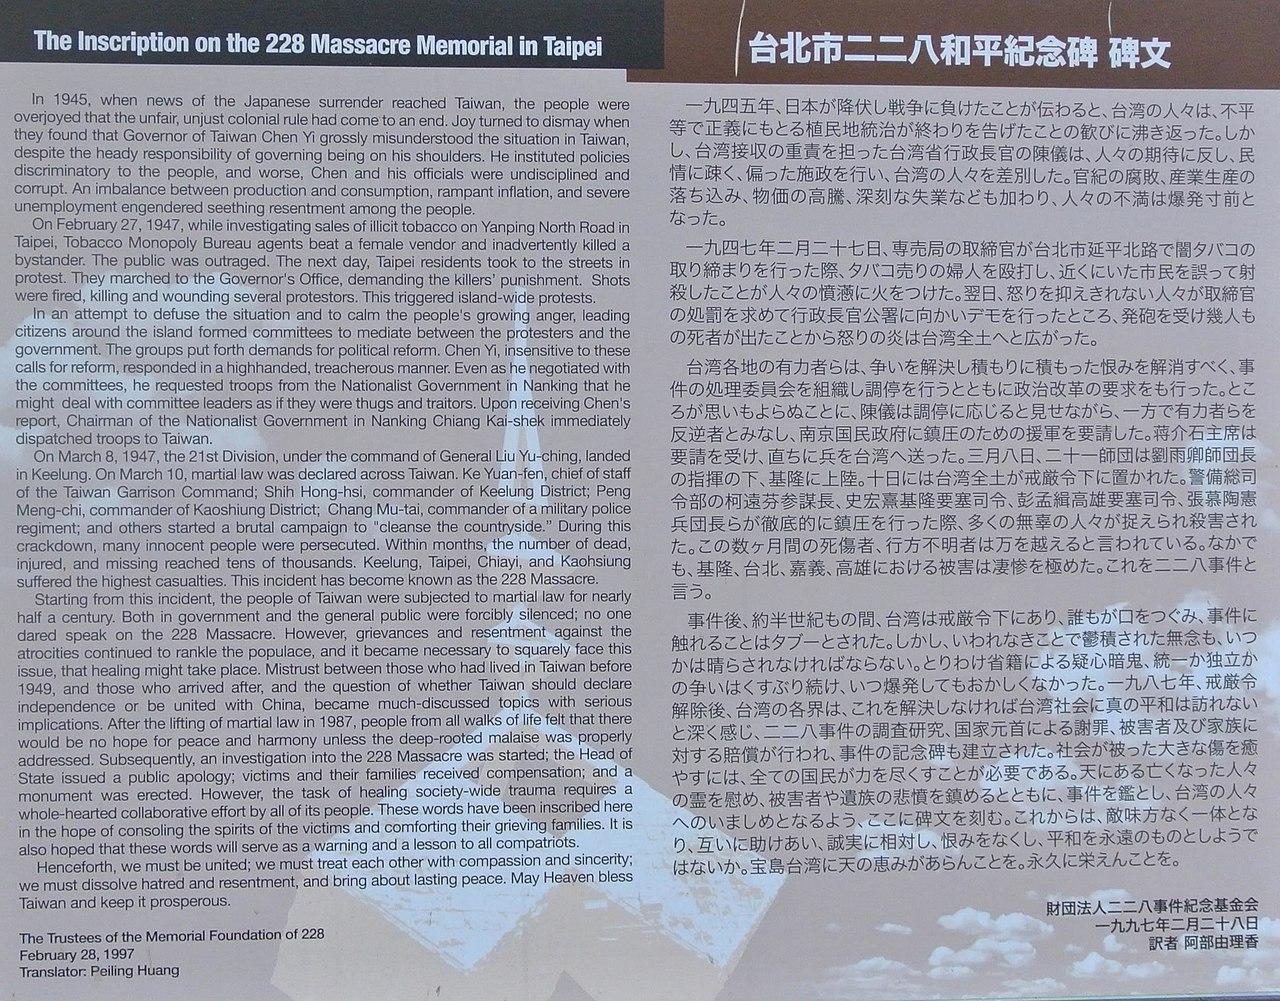 台北市 二二八和平記念碑 碑文